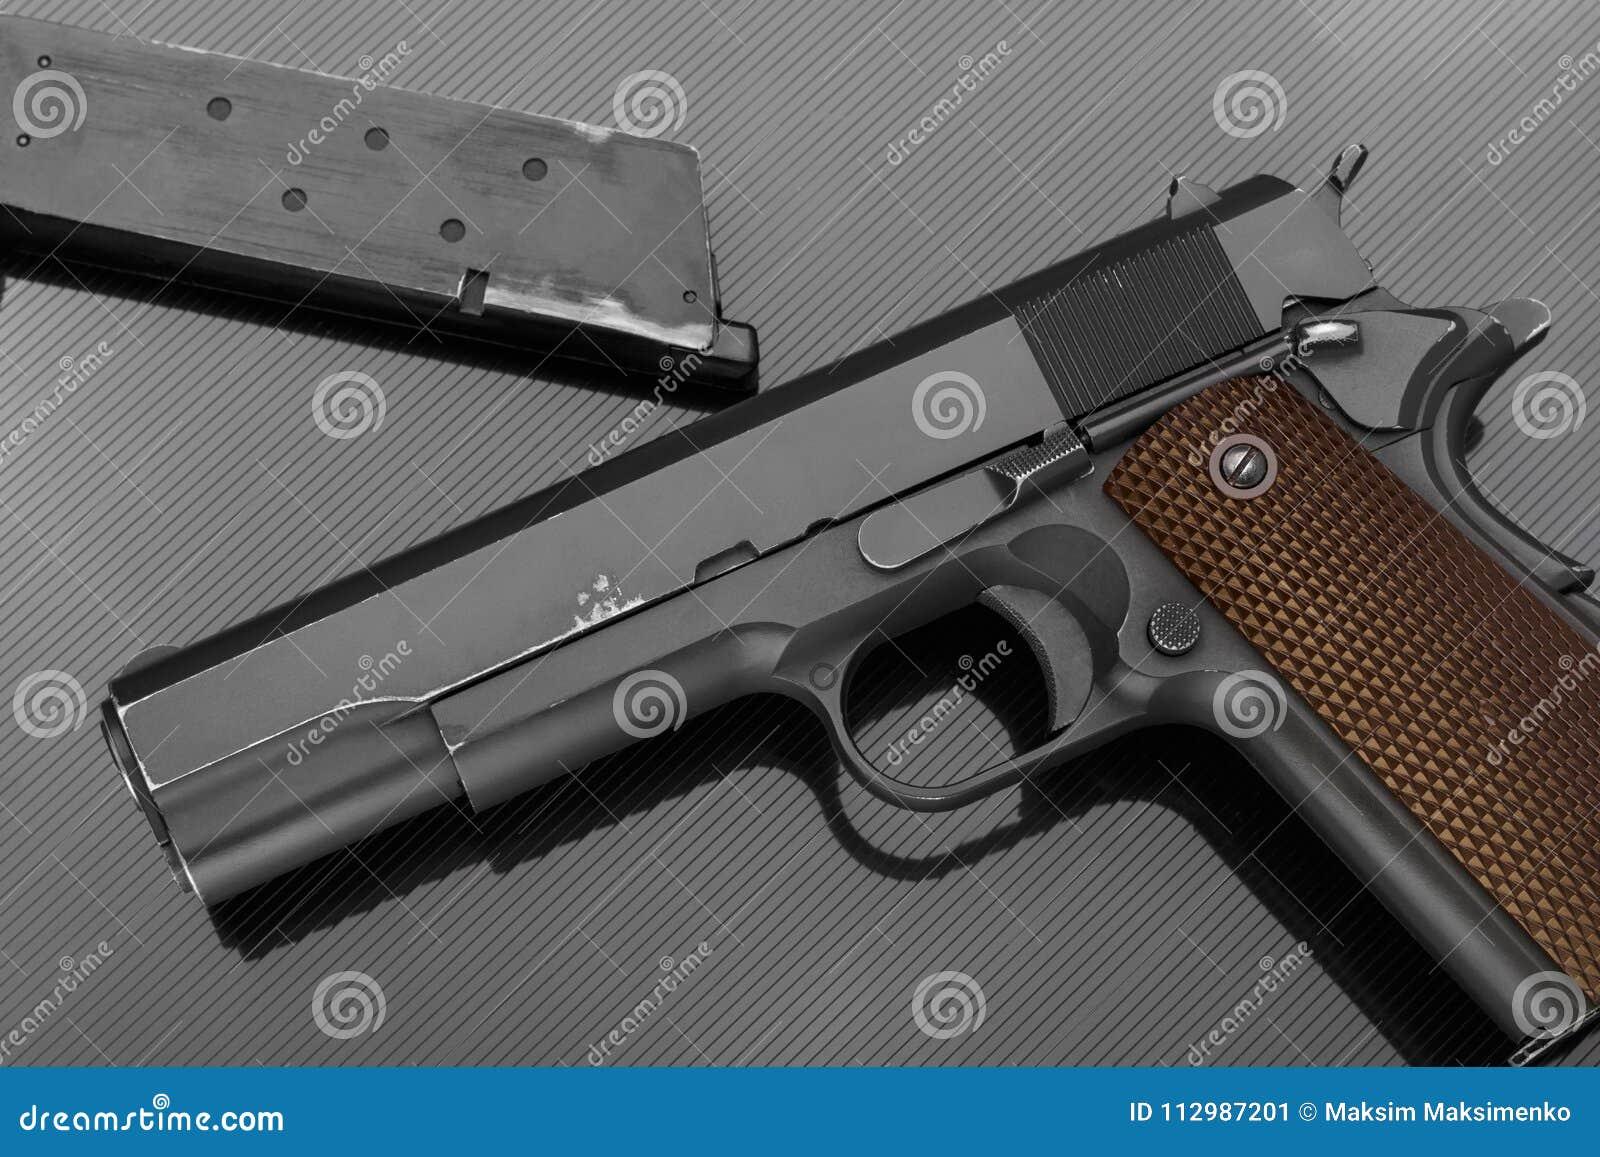 Handgun on dark background with ammo clip